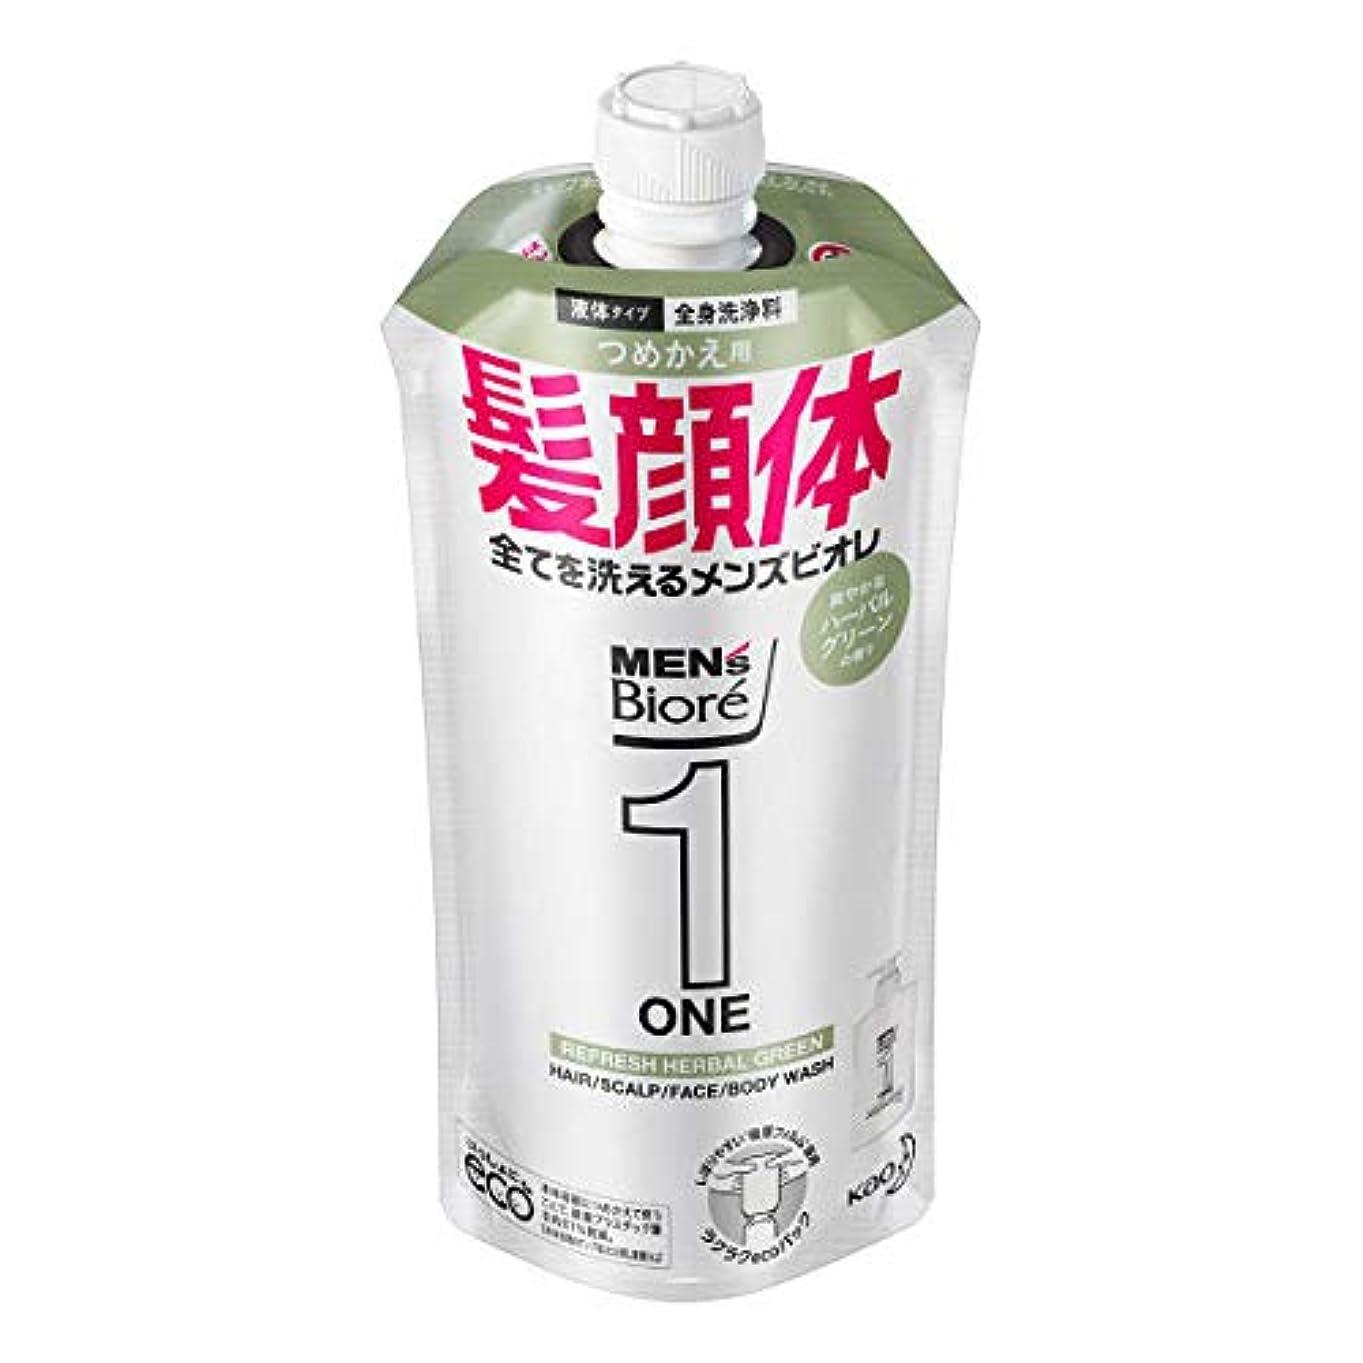 意見寂しい取り付けメンズビオレONE オールインワン全身洗浄料 爽やかなハーブルグリーンの香り つめかえ用 340mL